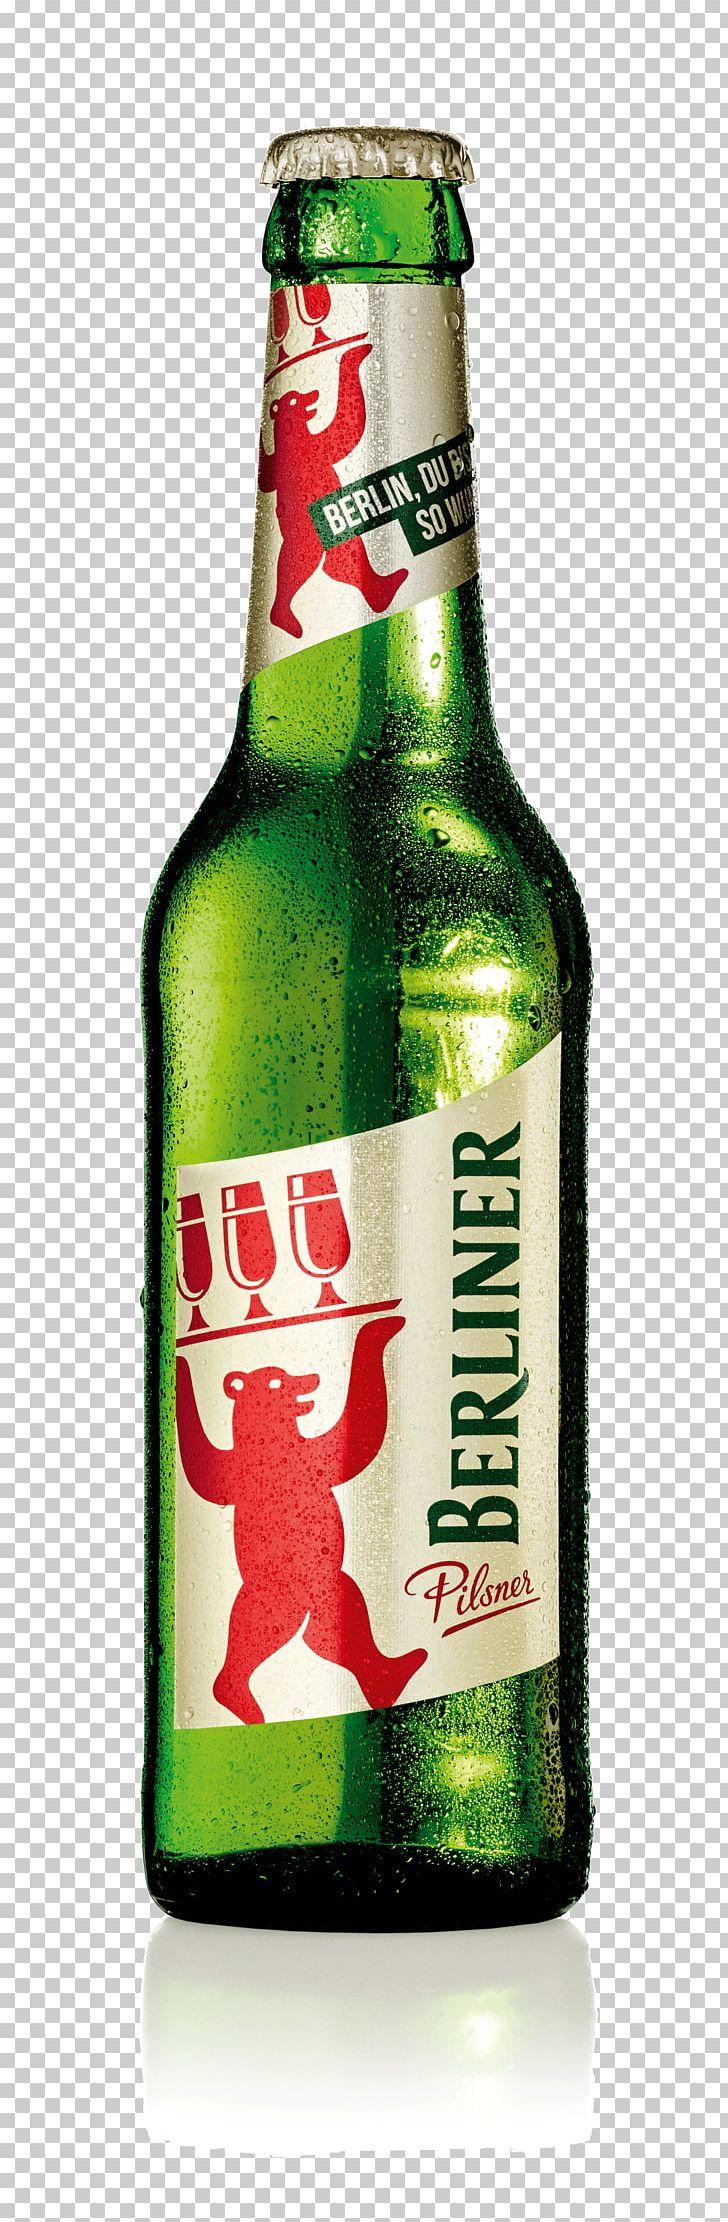 Lager Berliner Pilsner Beer Bottle PNG, Clipart, 2018